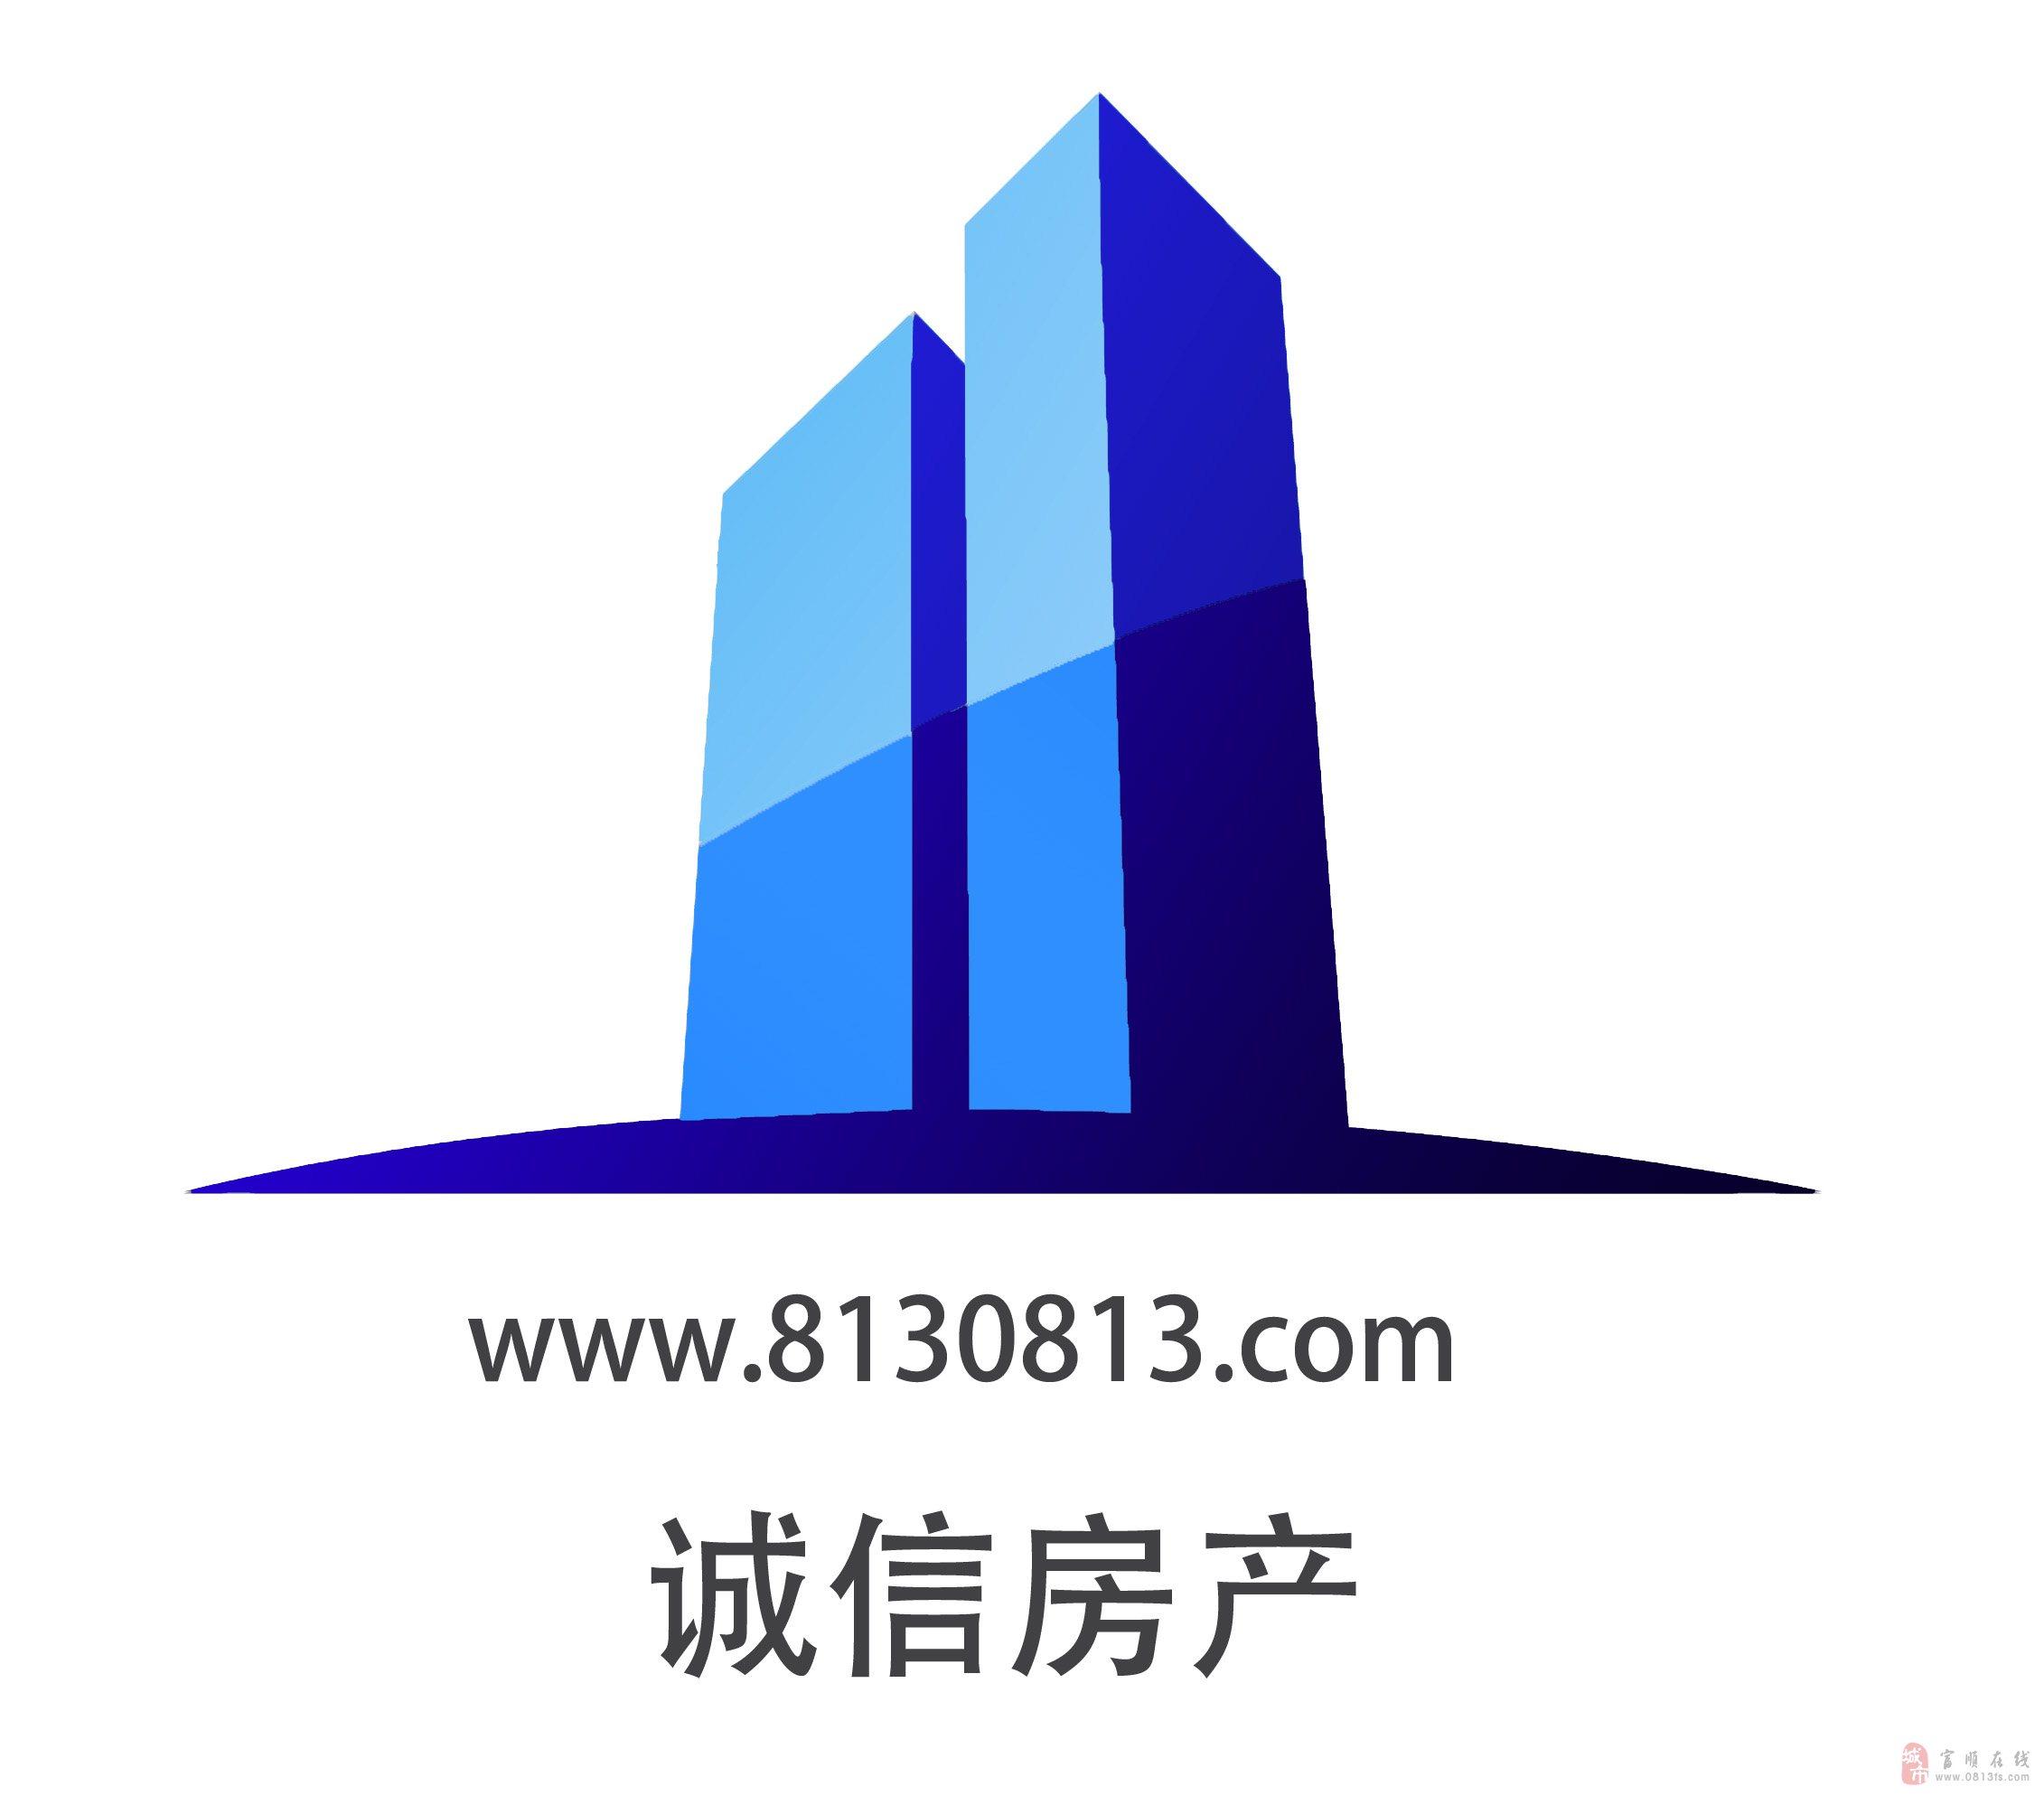 logo logo 标志 设计 矢量 矢量图 素材 图标 2262_1987